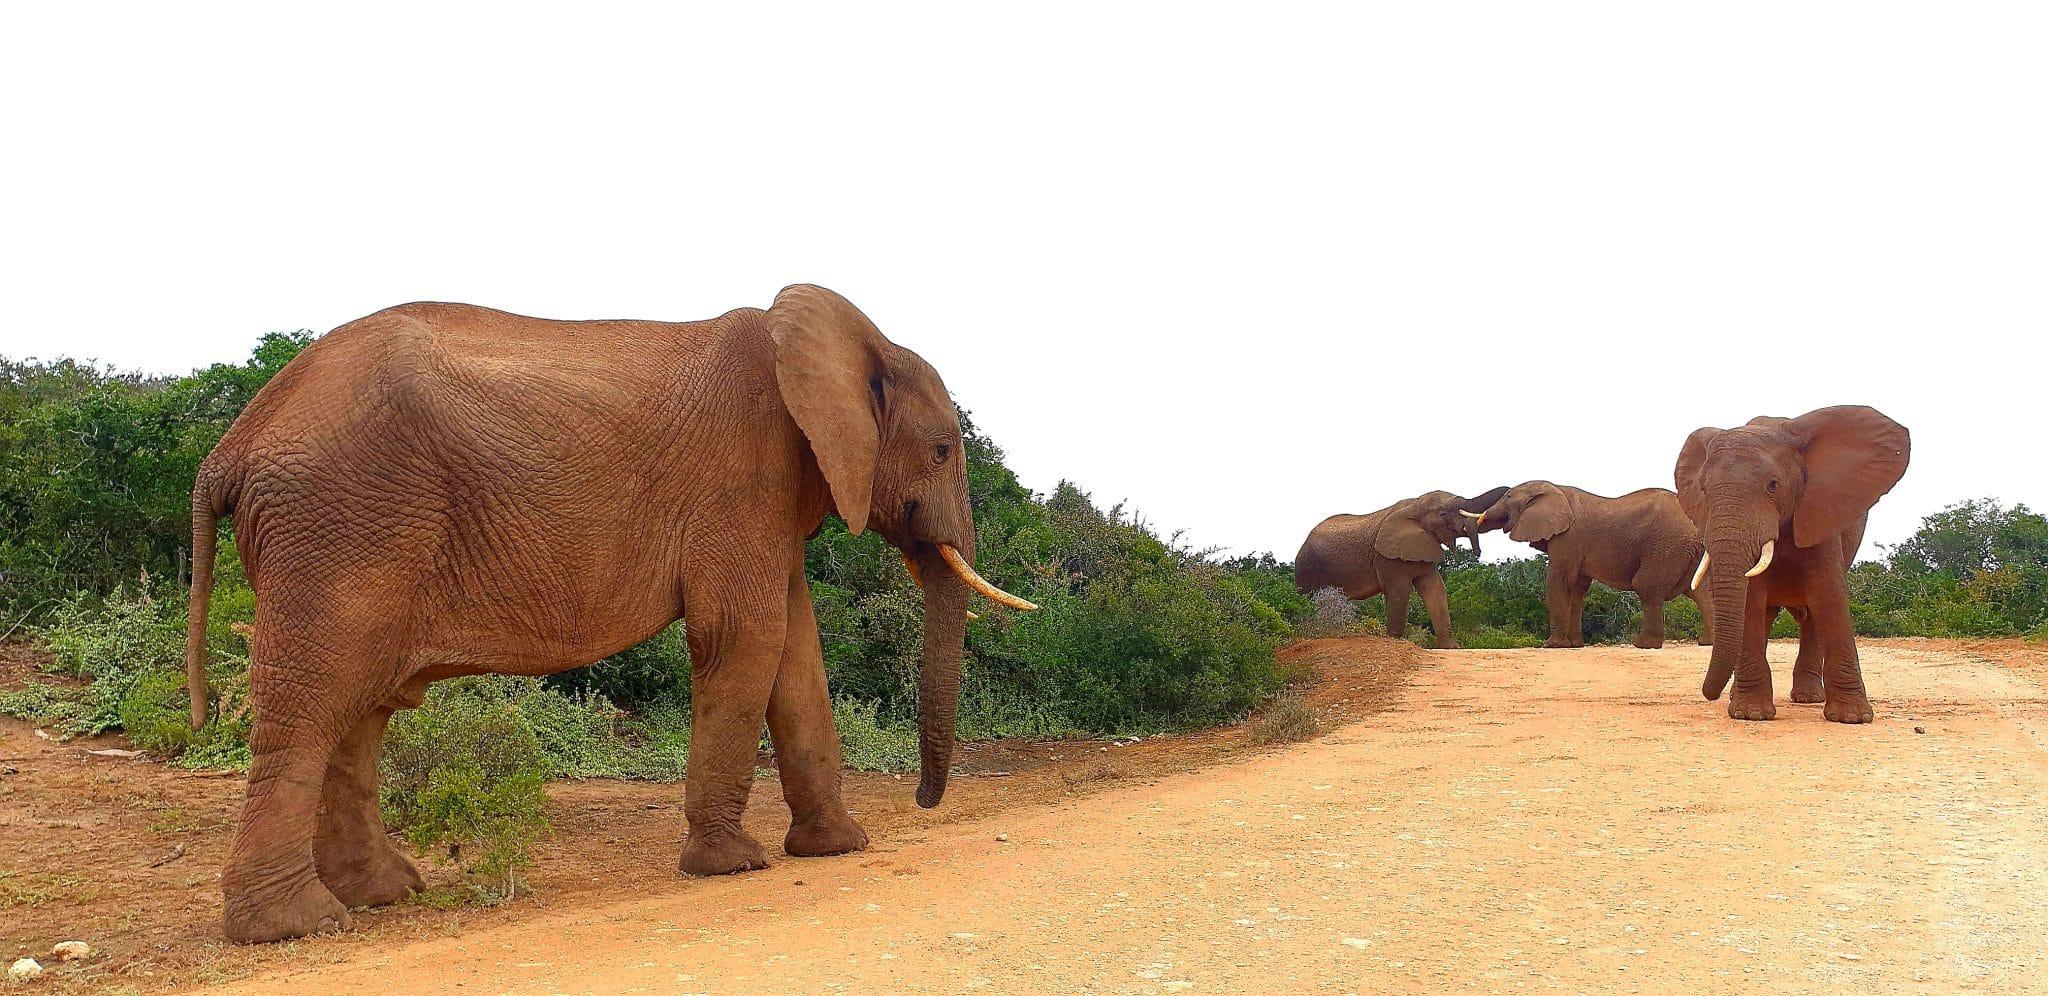 éléphants qui traversent un chemin